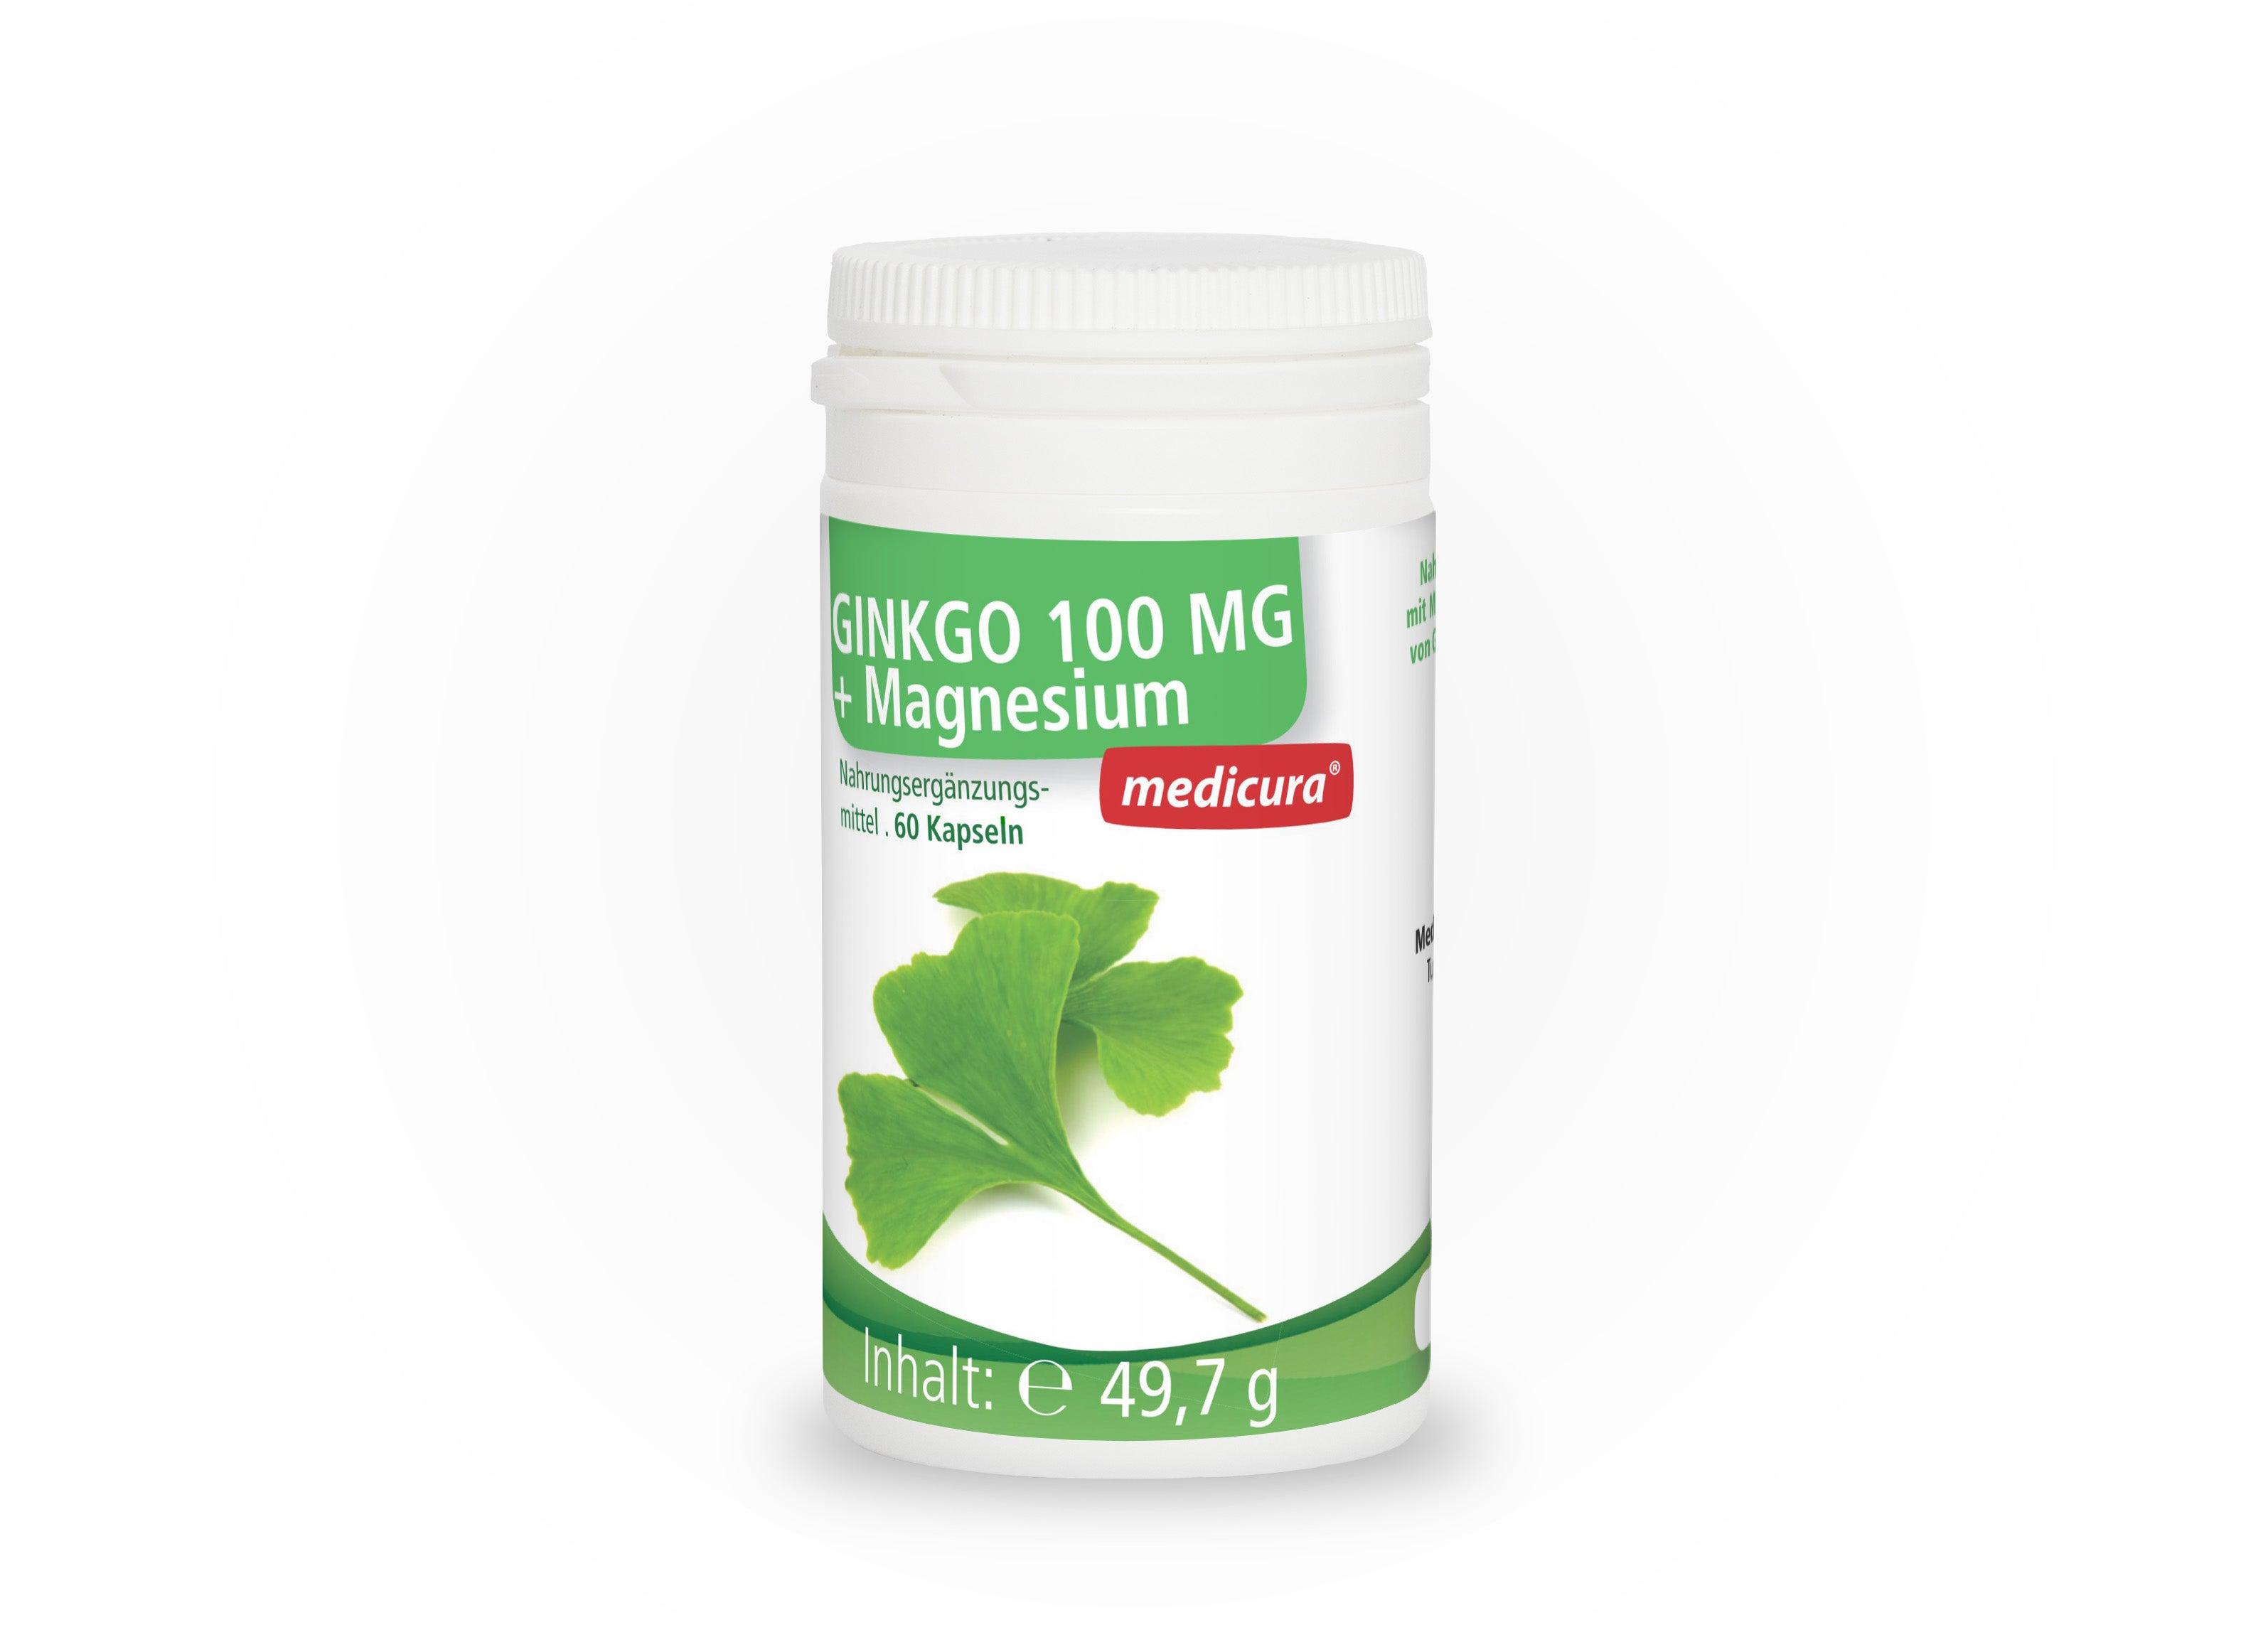 Ginkgo 100 mg + Magnesium - 60 Kapseln